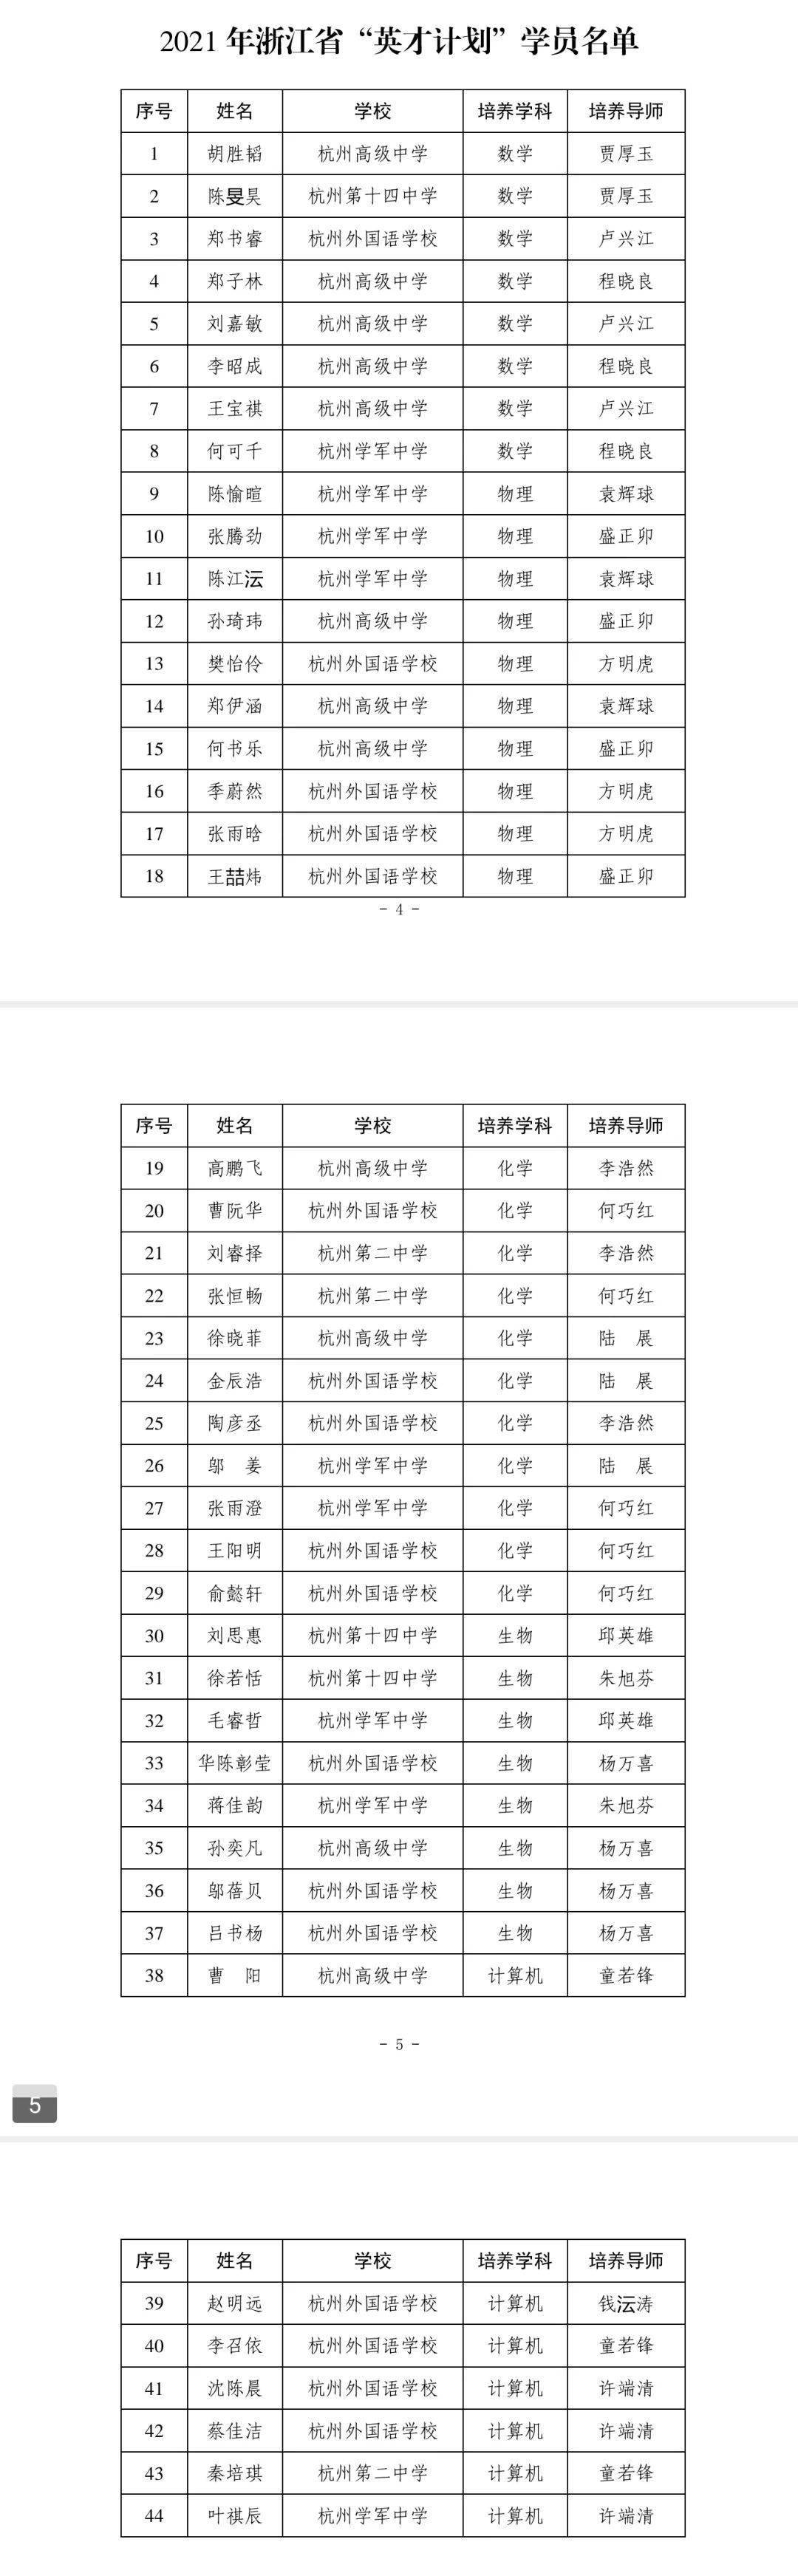 2021年浙江英才计划选拔结果出炉,杭高入选人数位列杭州直属学校第一